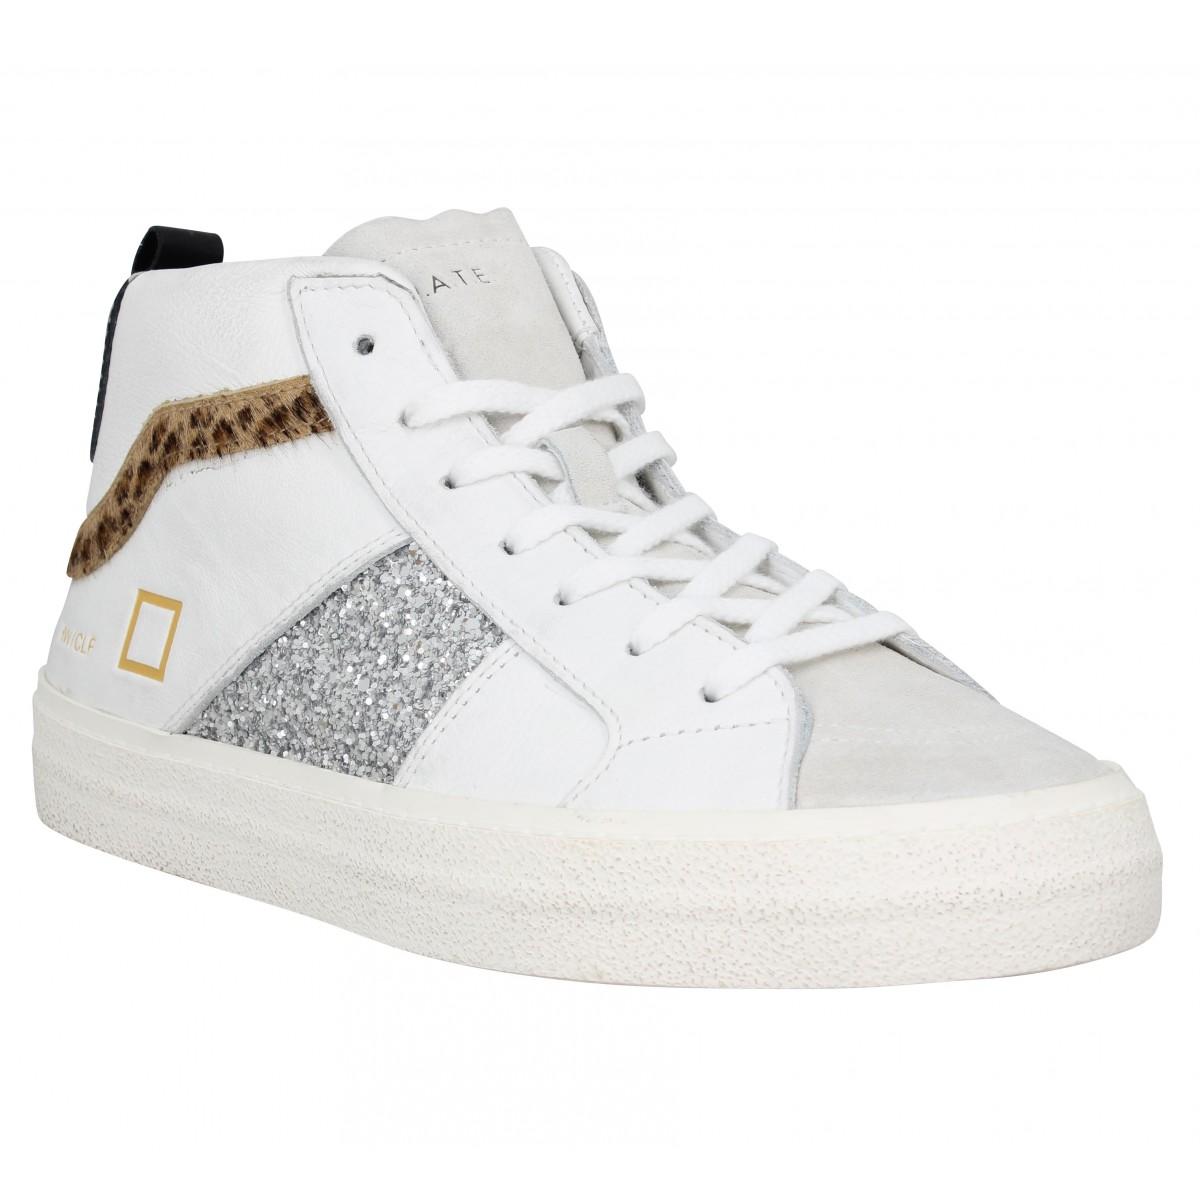 D.A.T.E Femme Date Sneakers Hawk Cuir...